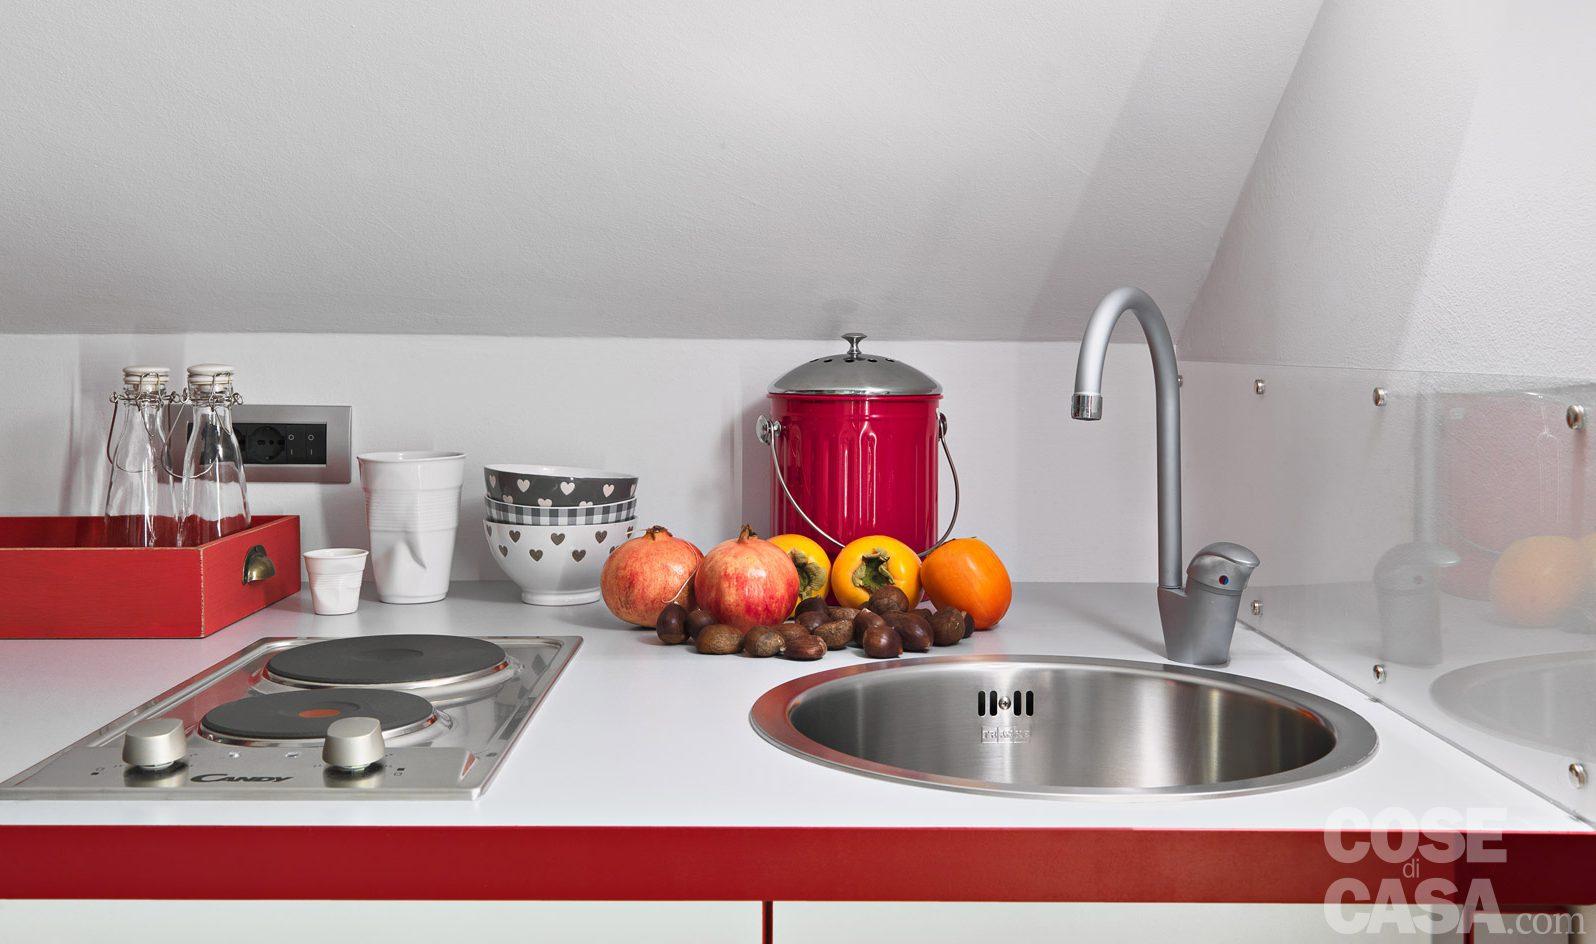 Piccoli elettrodomestici in cucina - Elettrodomestici in cucina ...